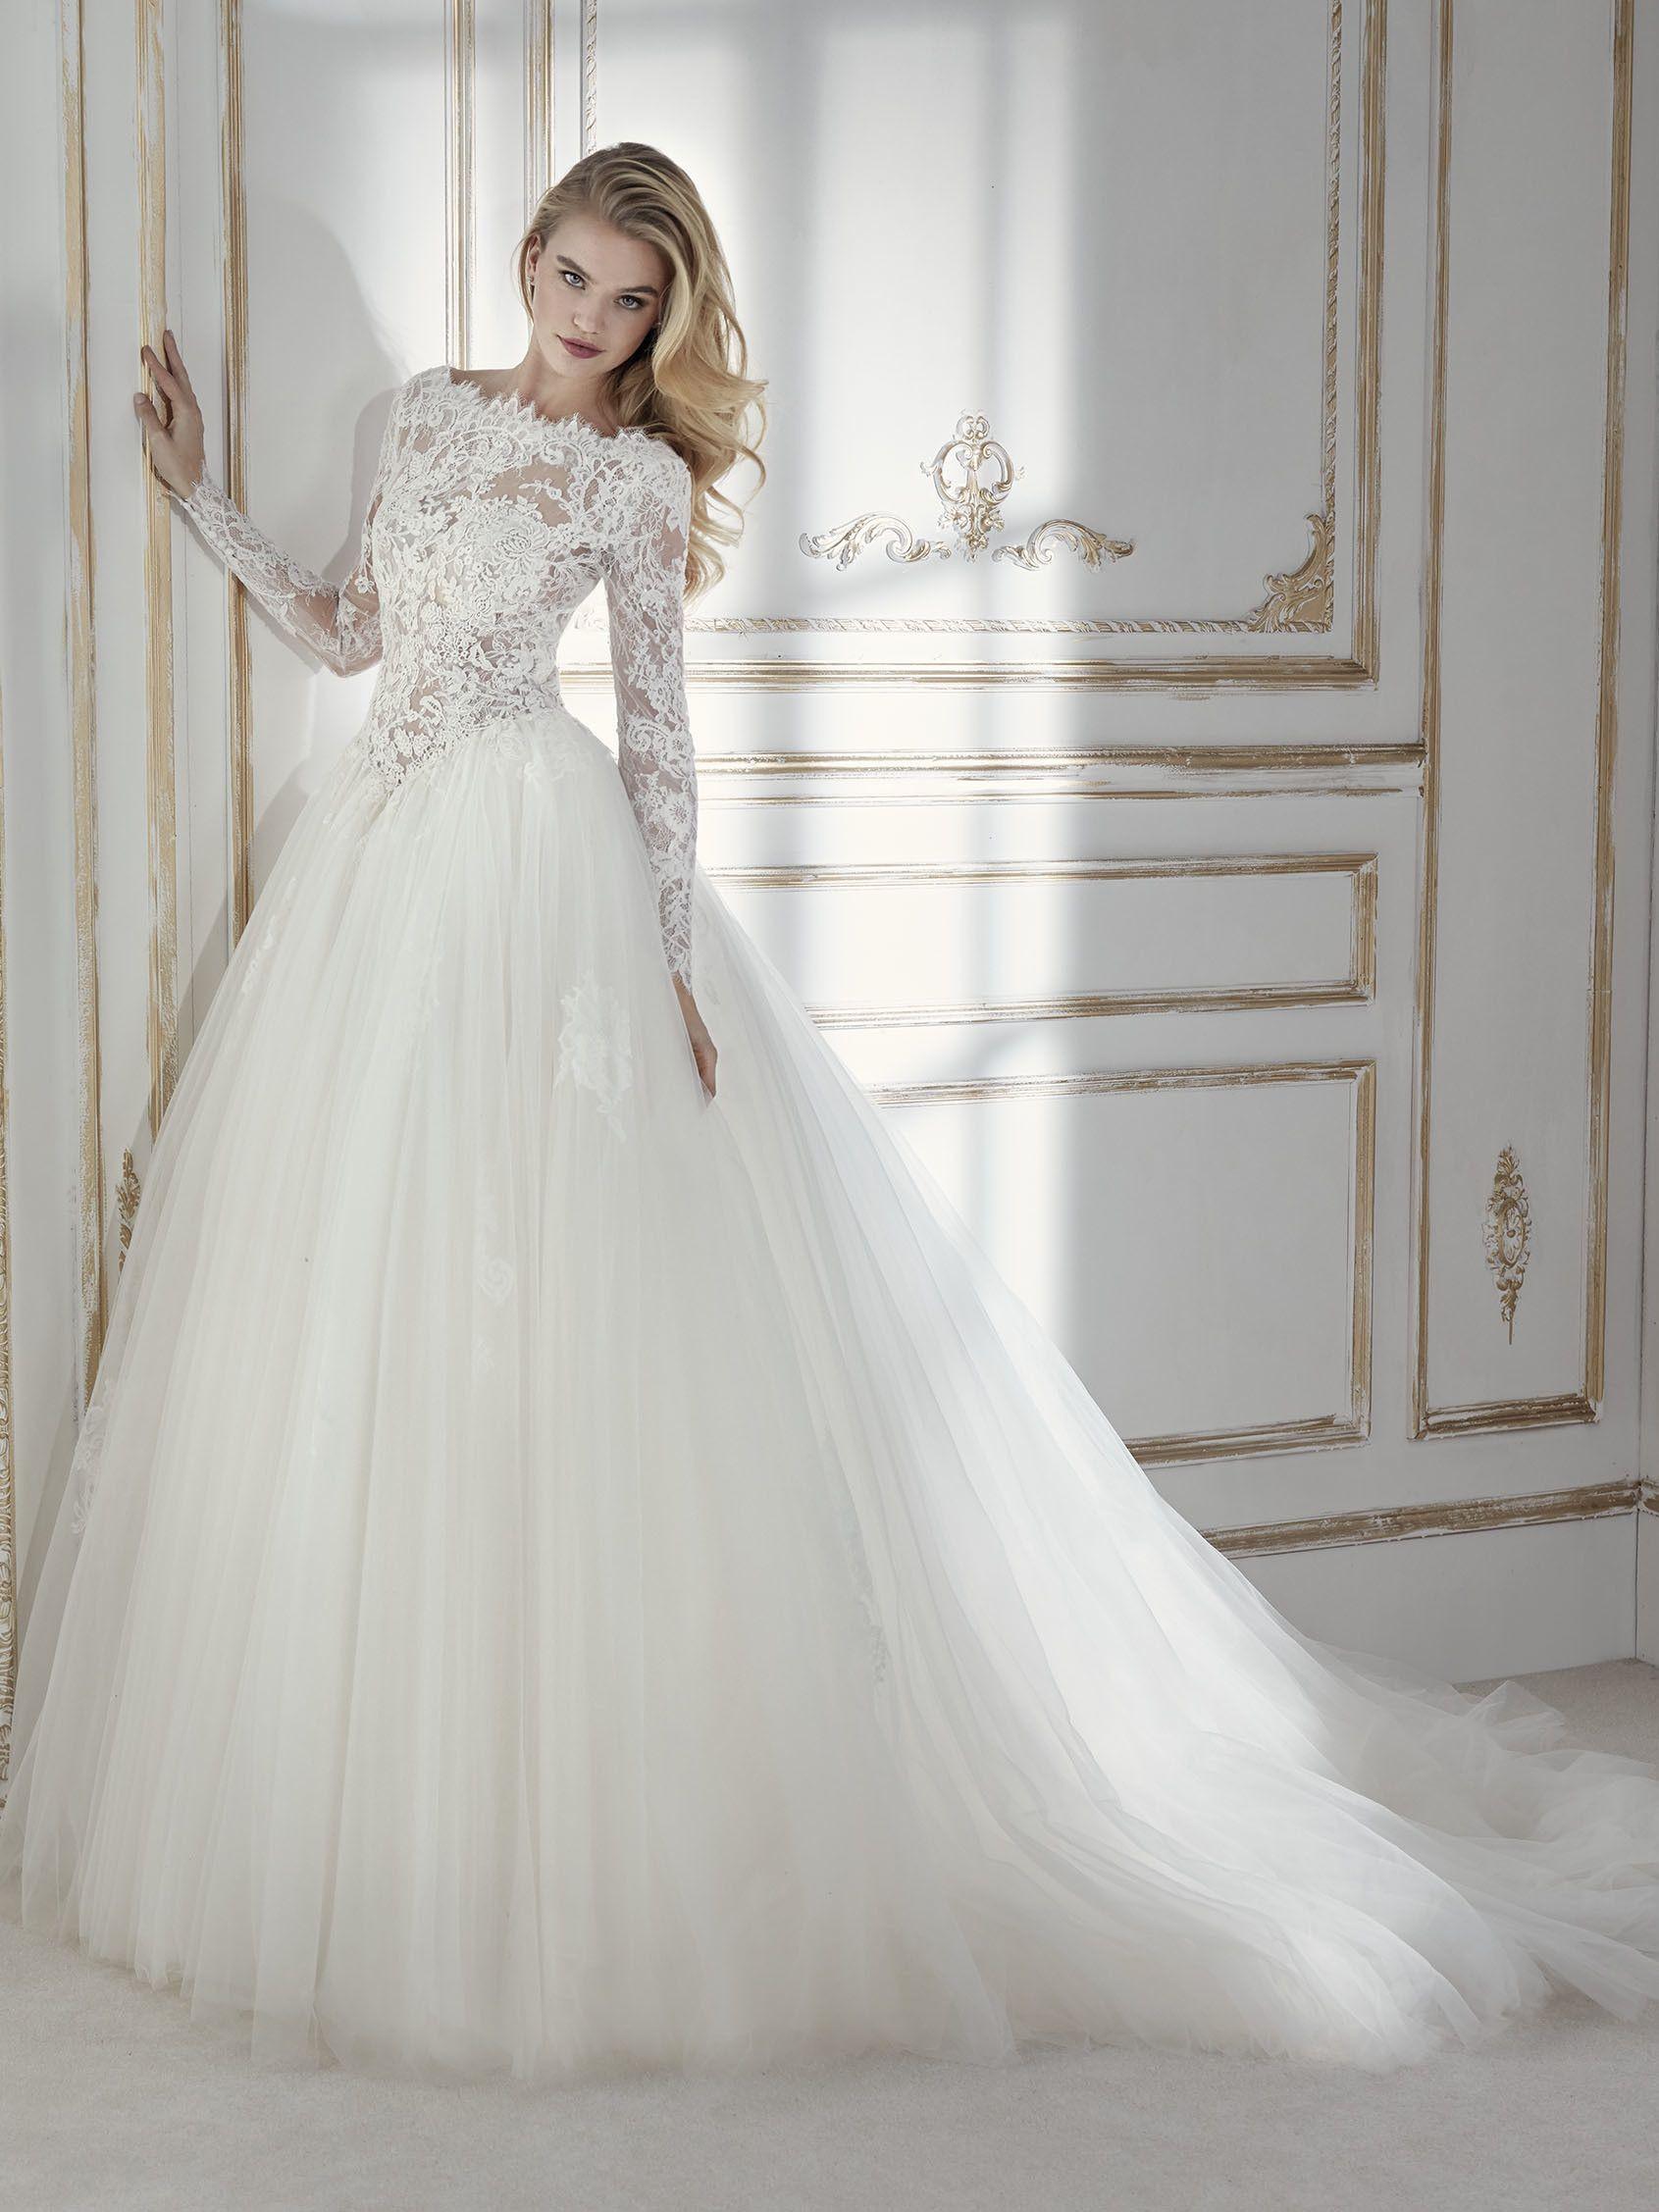 Umwerfendes, tailliertes Brautkleid im Prinzessin-Stil in